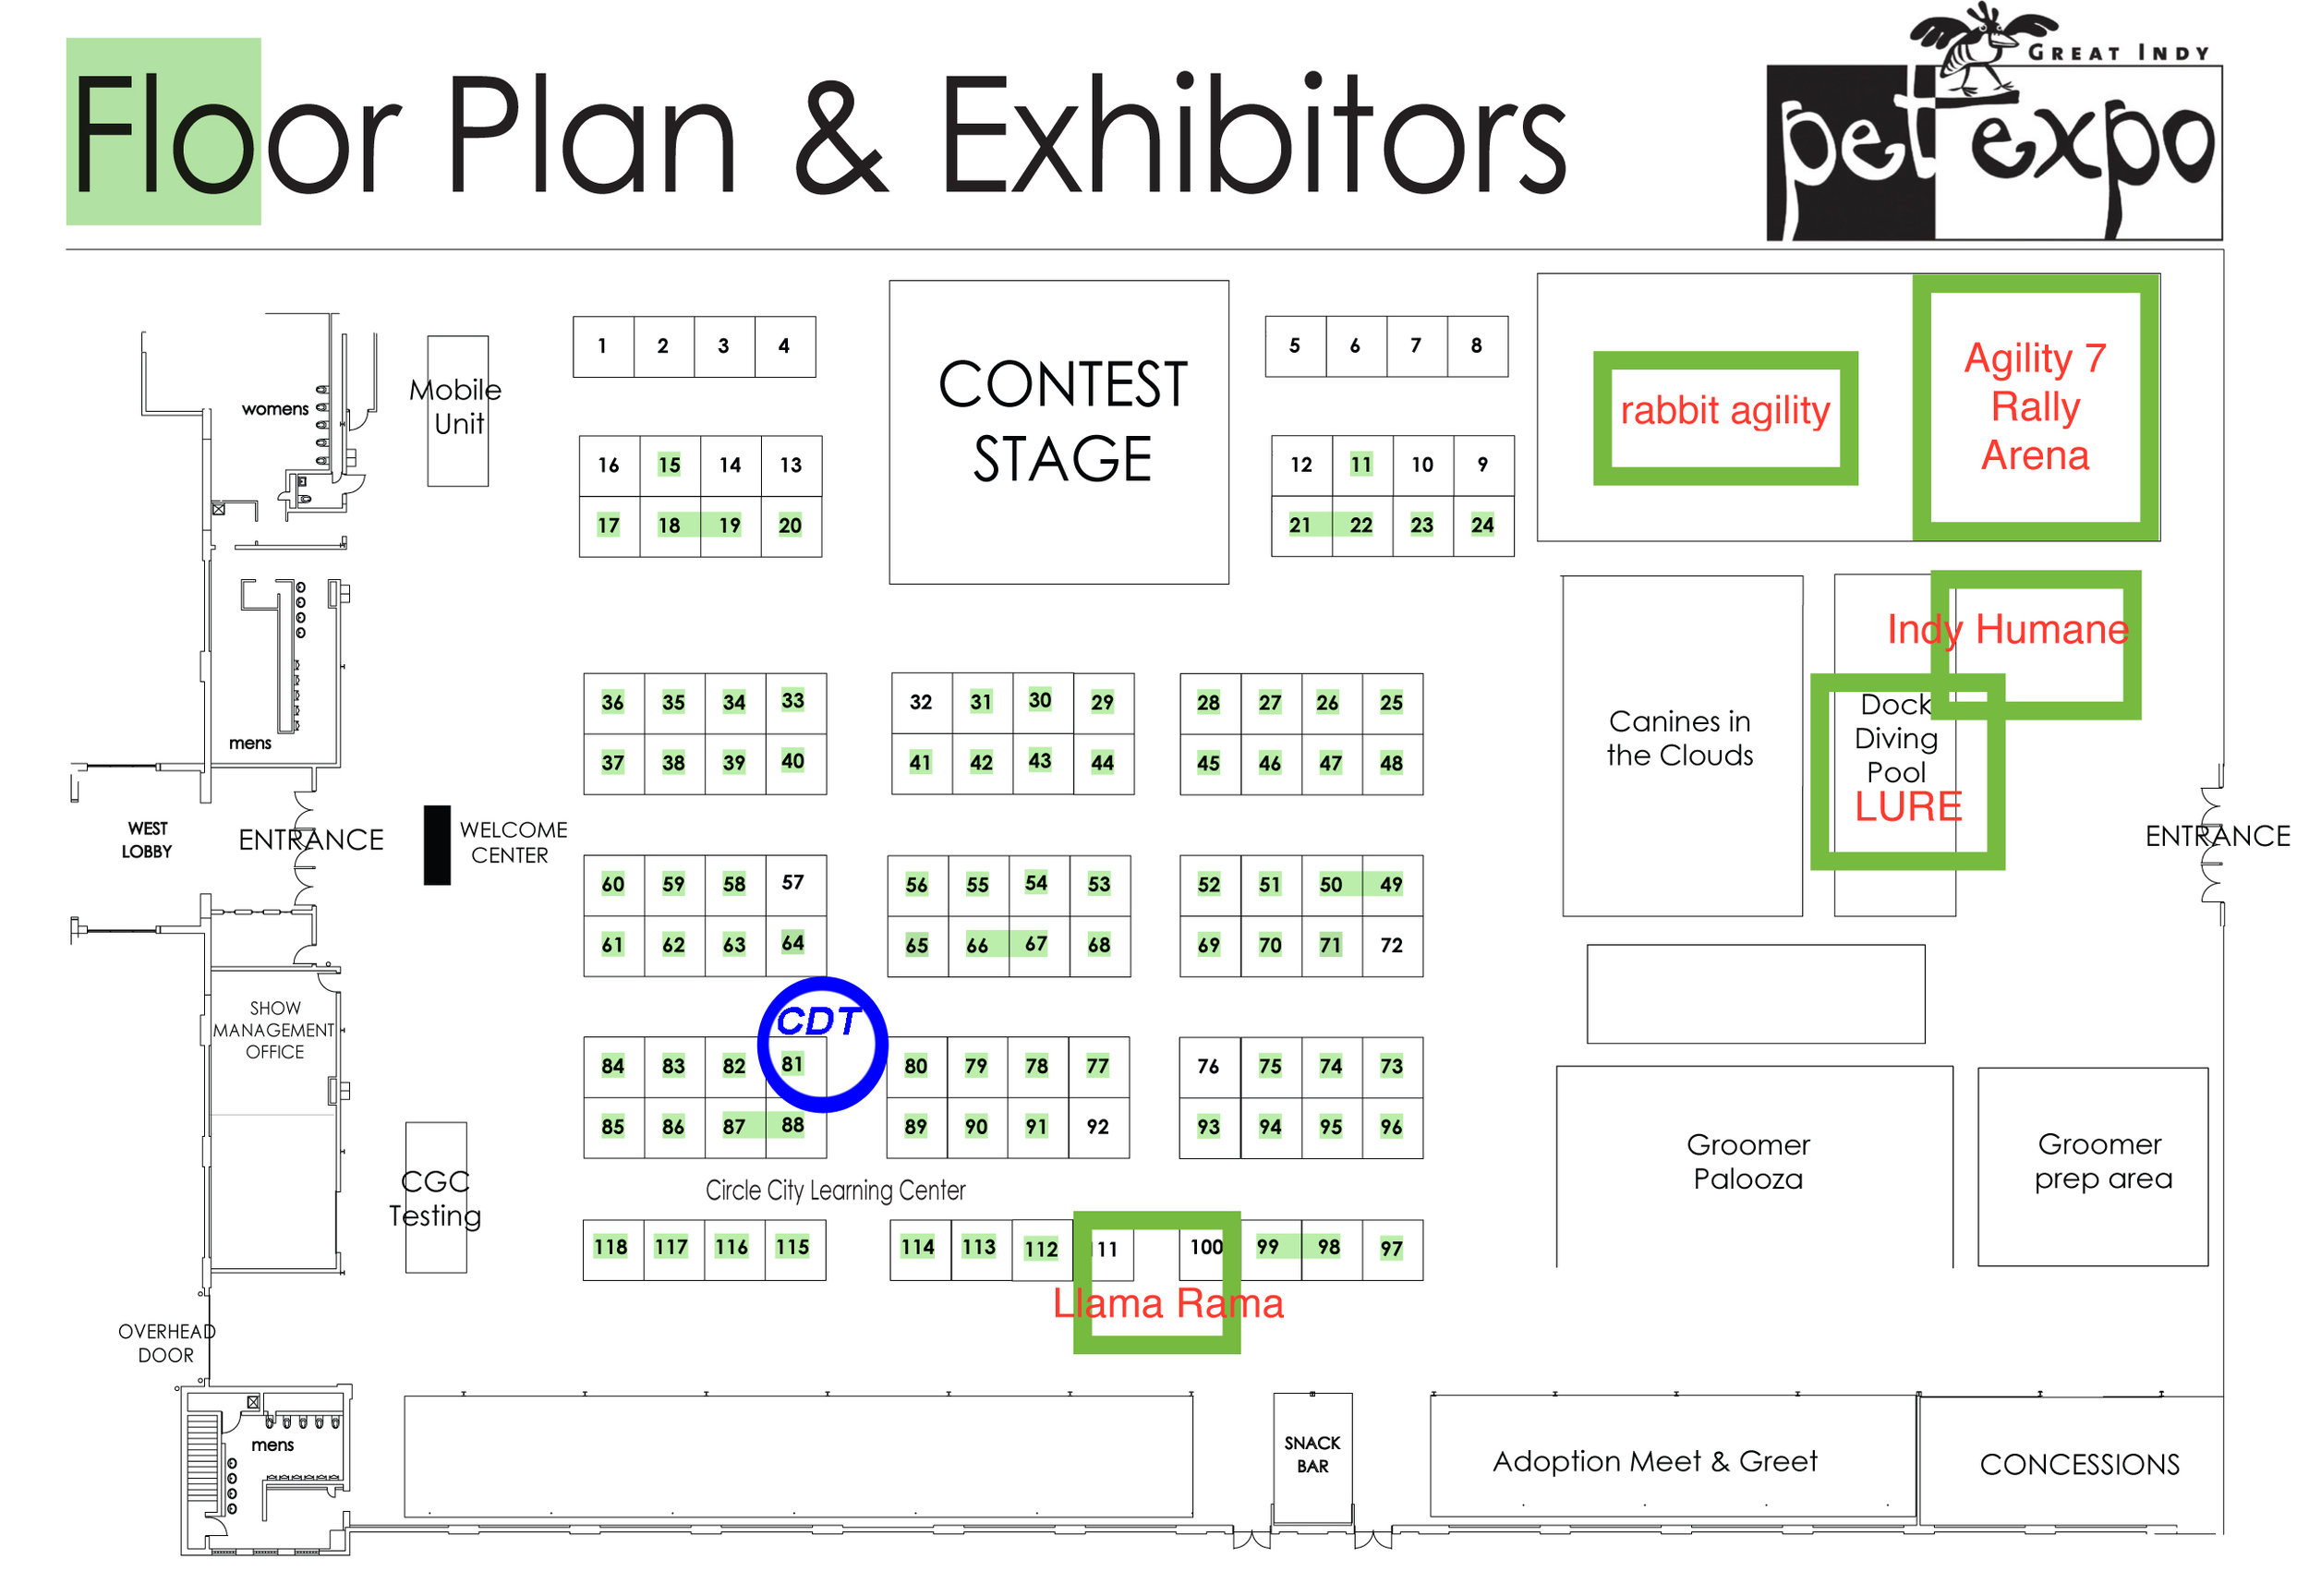 2017 Pet Expo Floor Plan.jpg